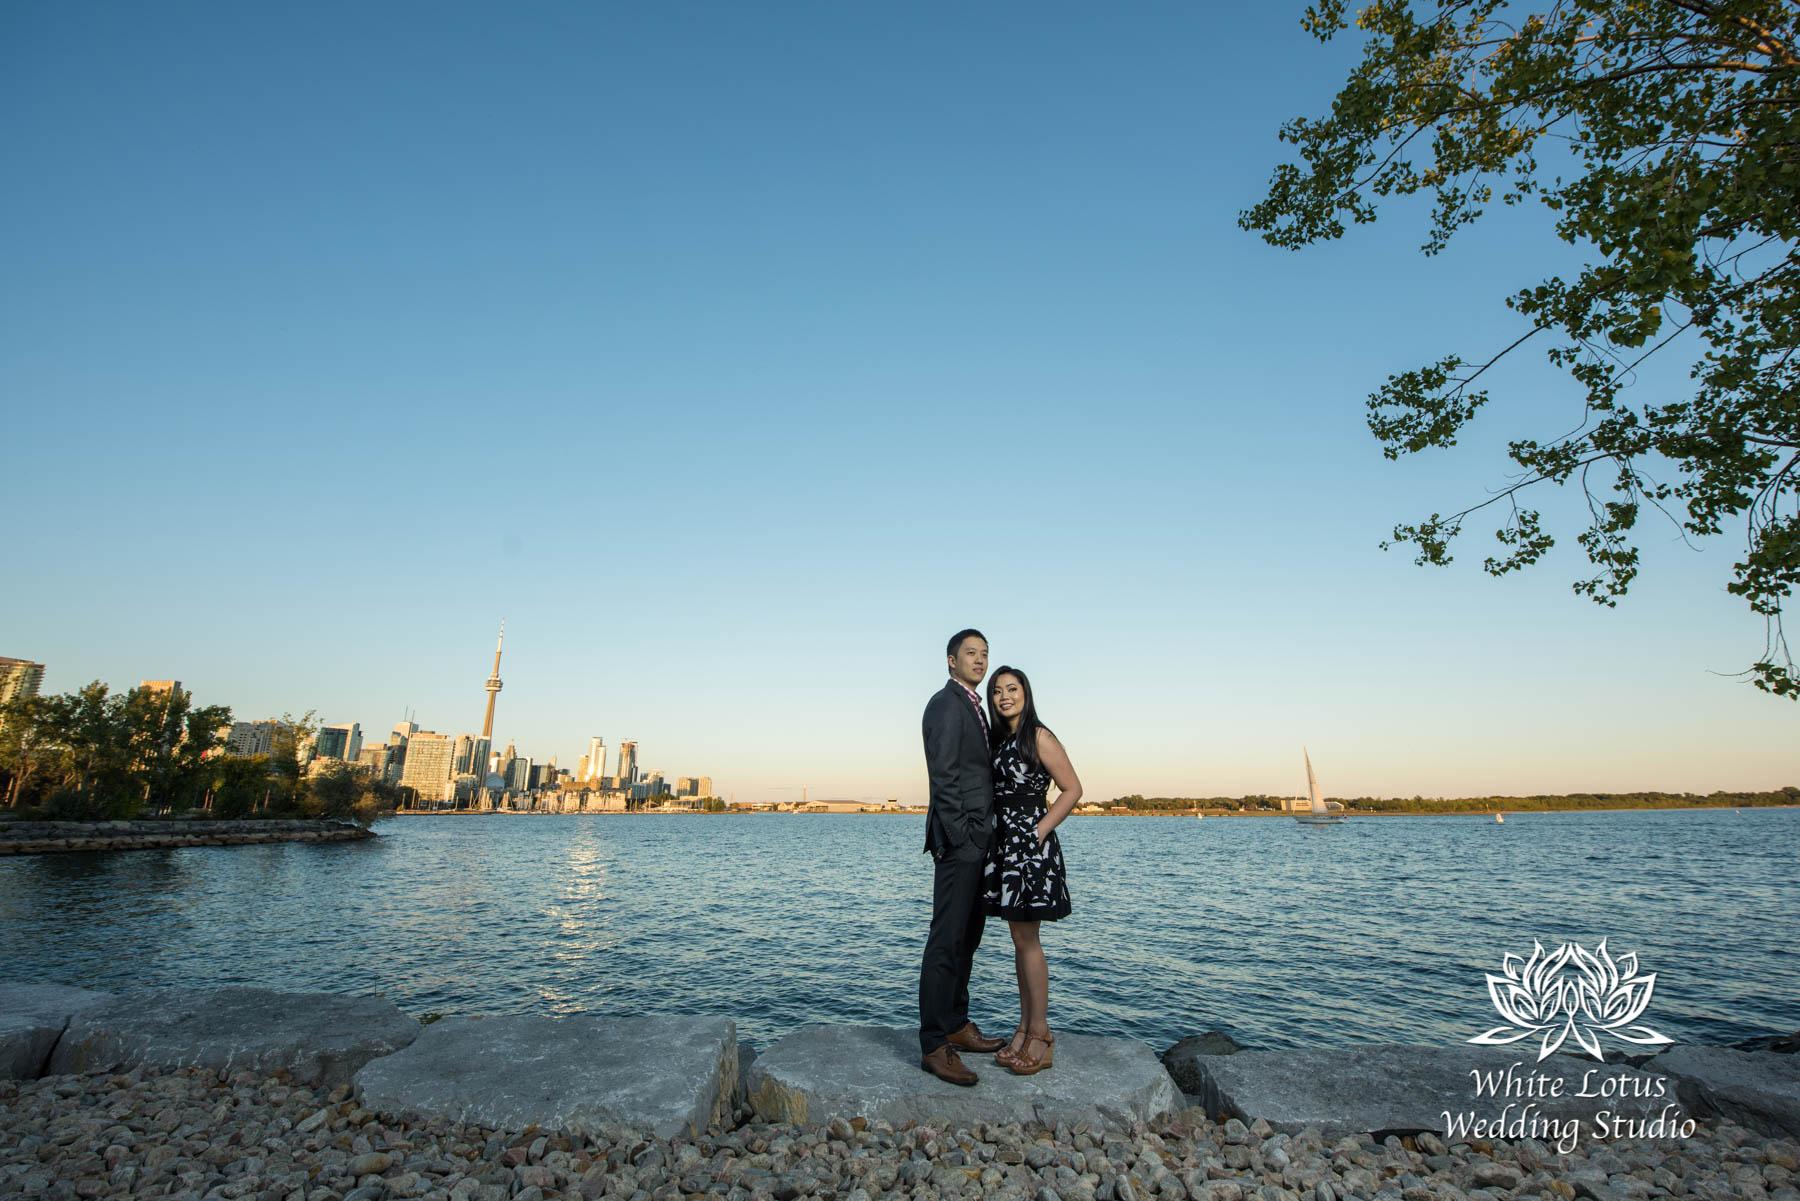 057 - Trillium Park - Toronto - Engagement